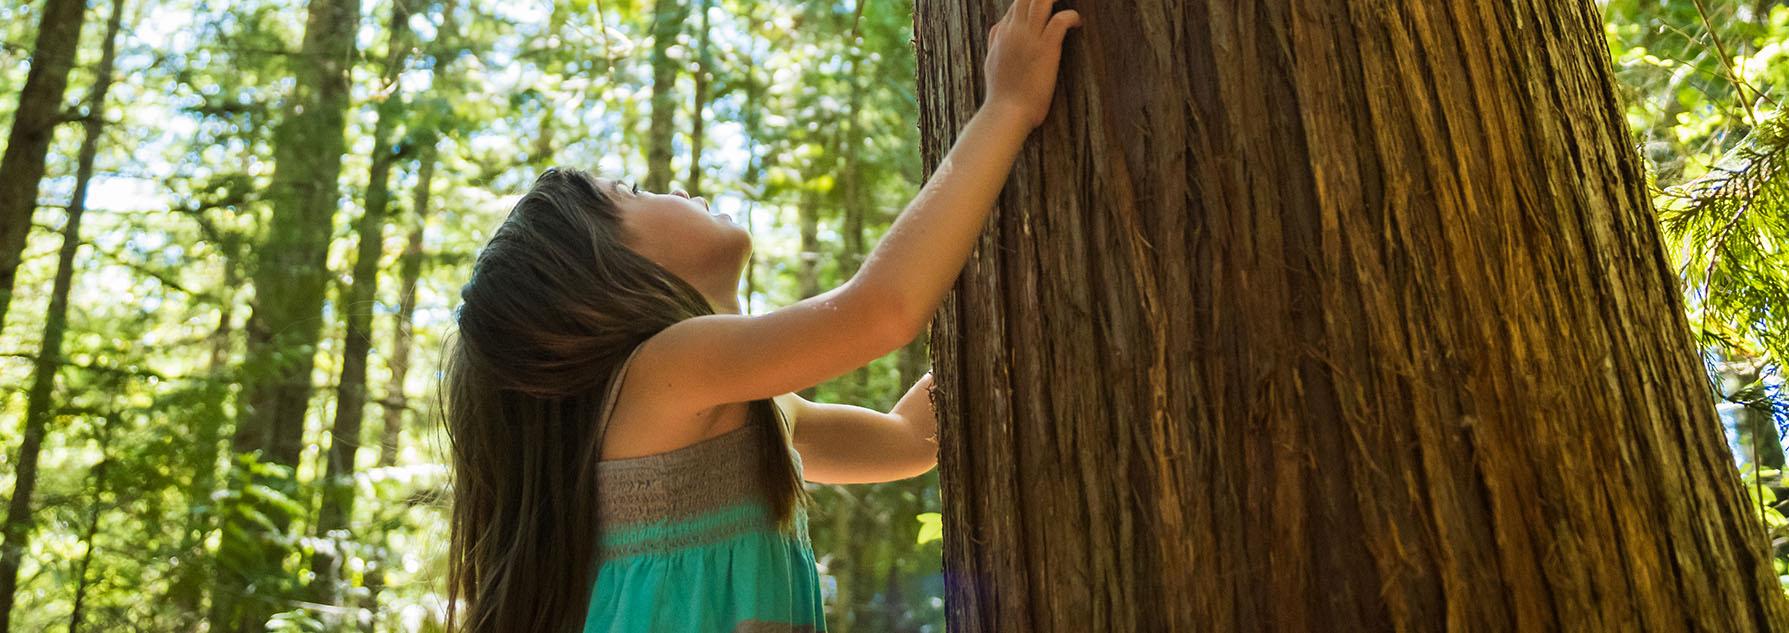 Une jeune fille tient un arbre dans ses bras, dans la forêt, et regarde vers le haut